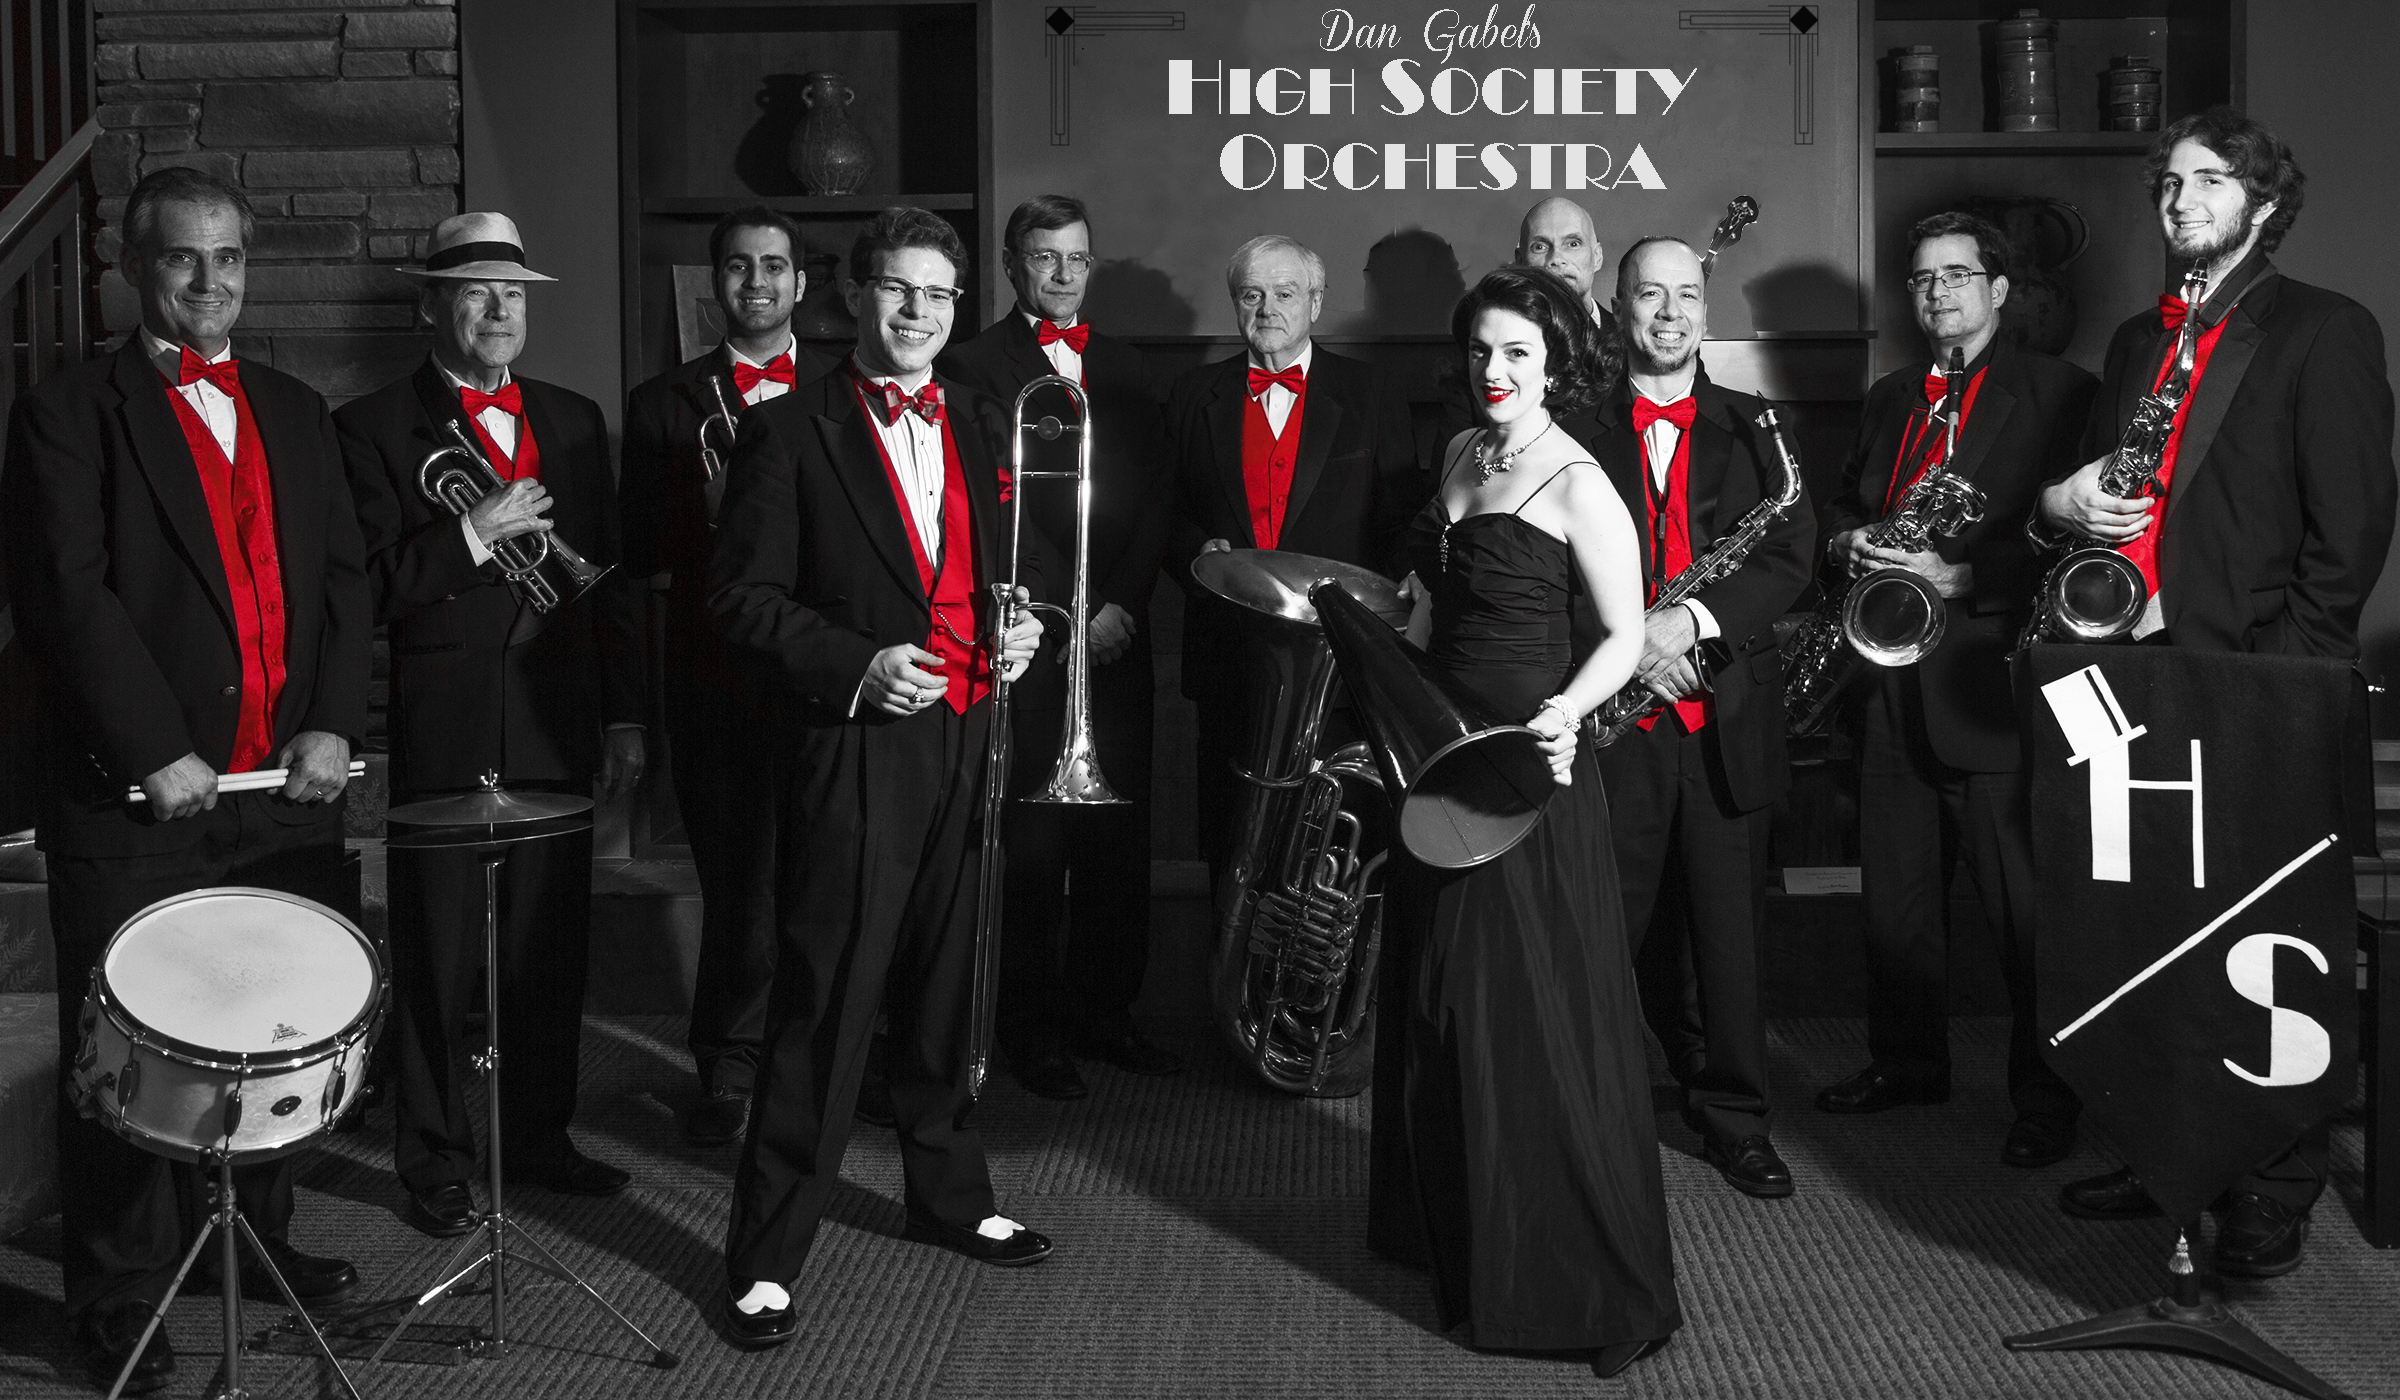 DG High Society Orchestra bw.jpg